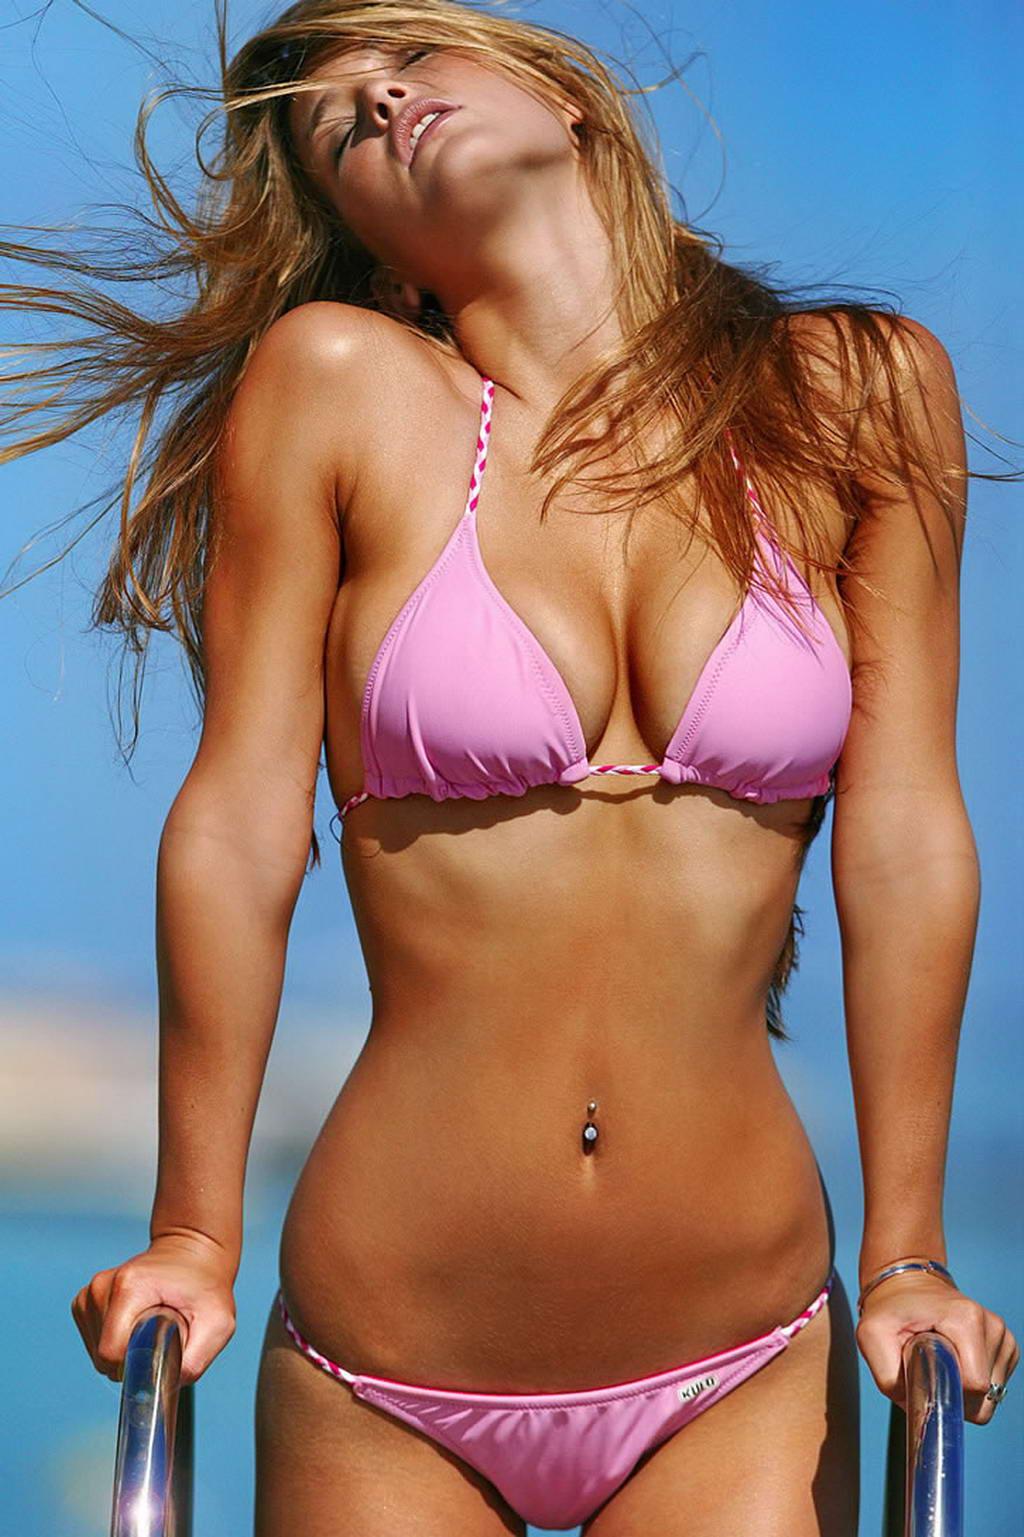 http://1.bp.blogspot.com/-4pwTgHRbc2Q/TZcm6kybNZI/AAAAAAAABRw/fq2Bk-GkUpw/s1600/bar-refaeli-wet-pink-bikini.jpg